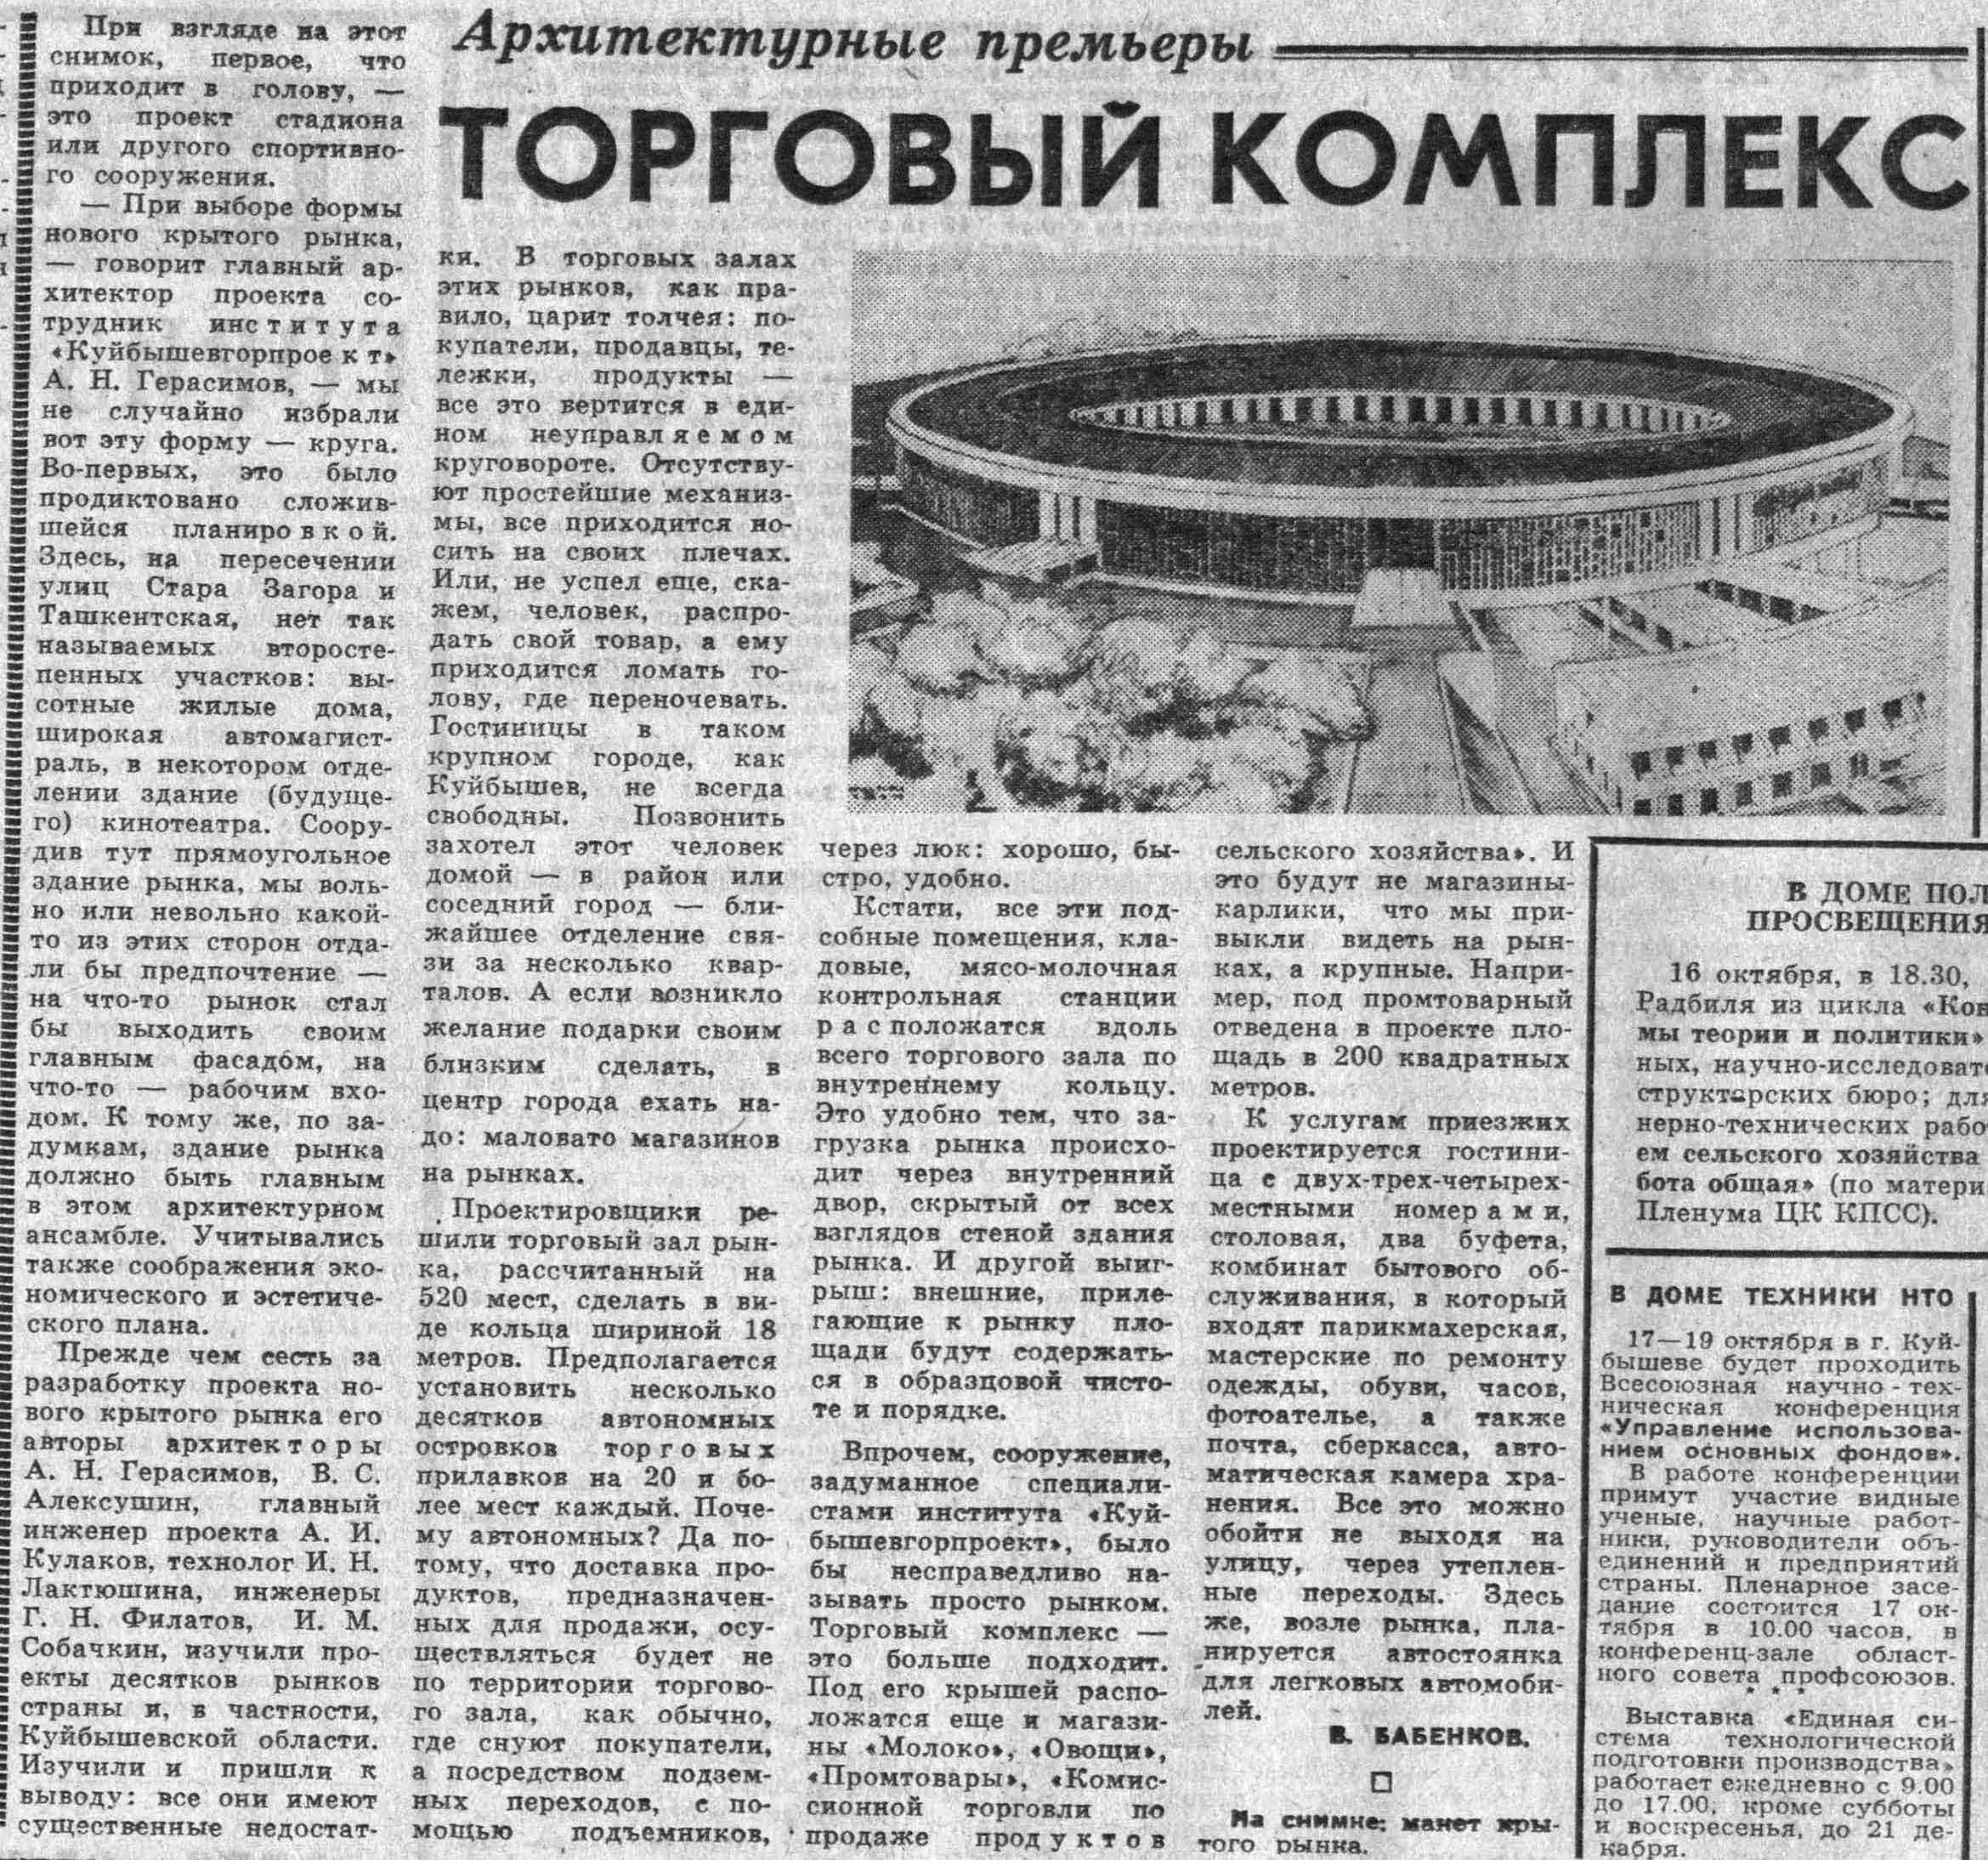 Стара Загора-ФОТО-116-ВКа-1978-10-15-проект Колизея-min